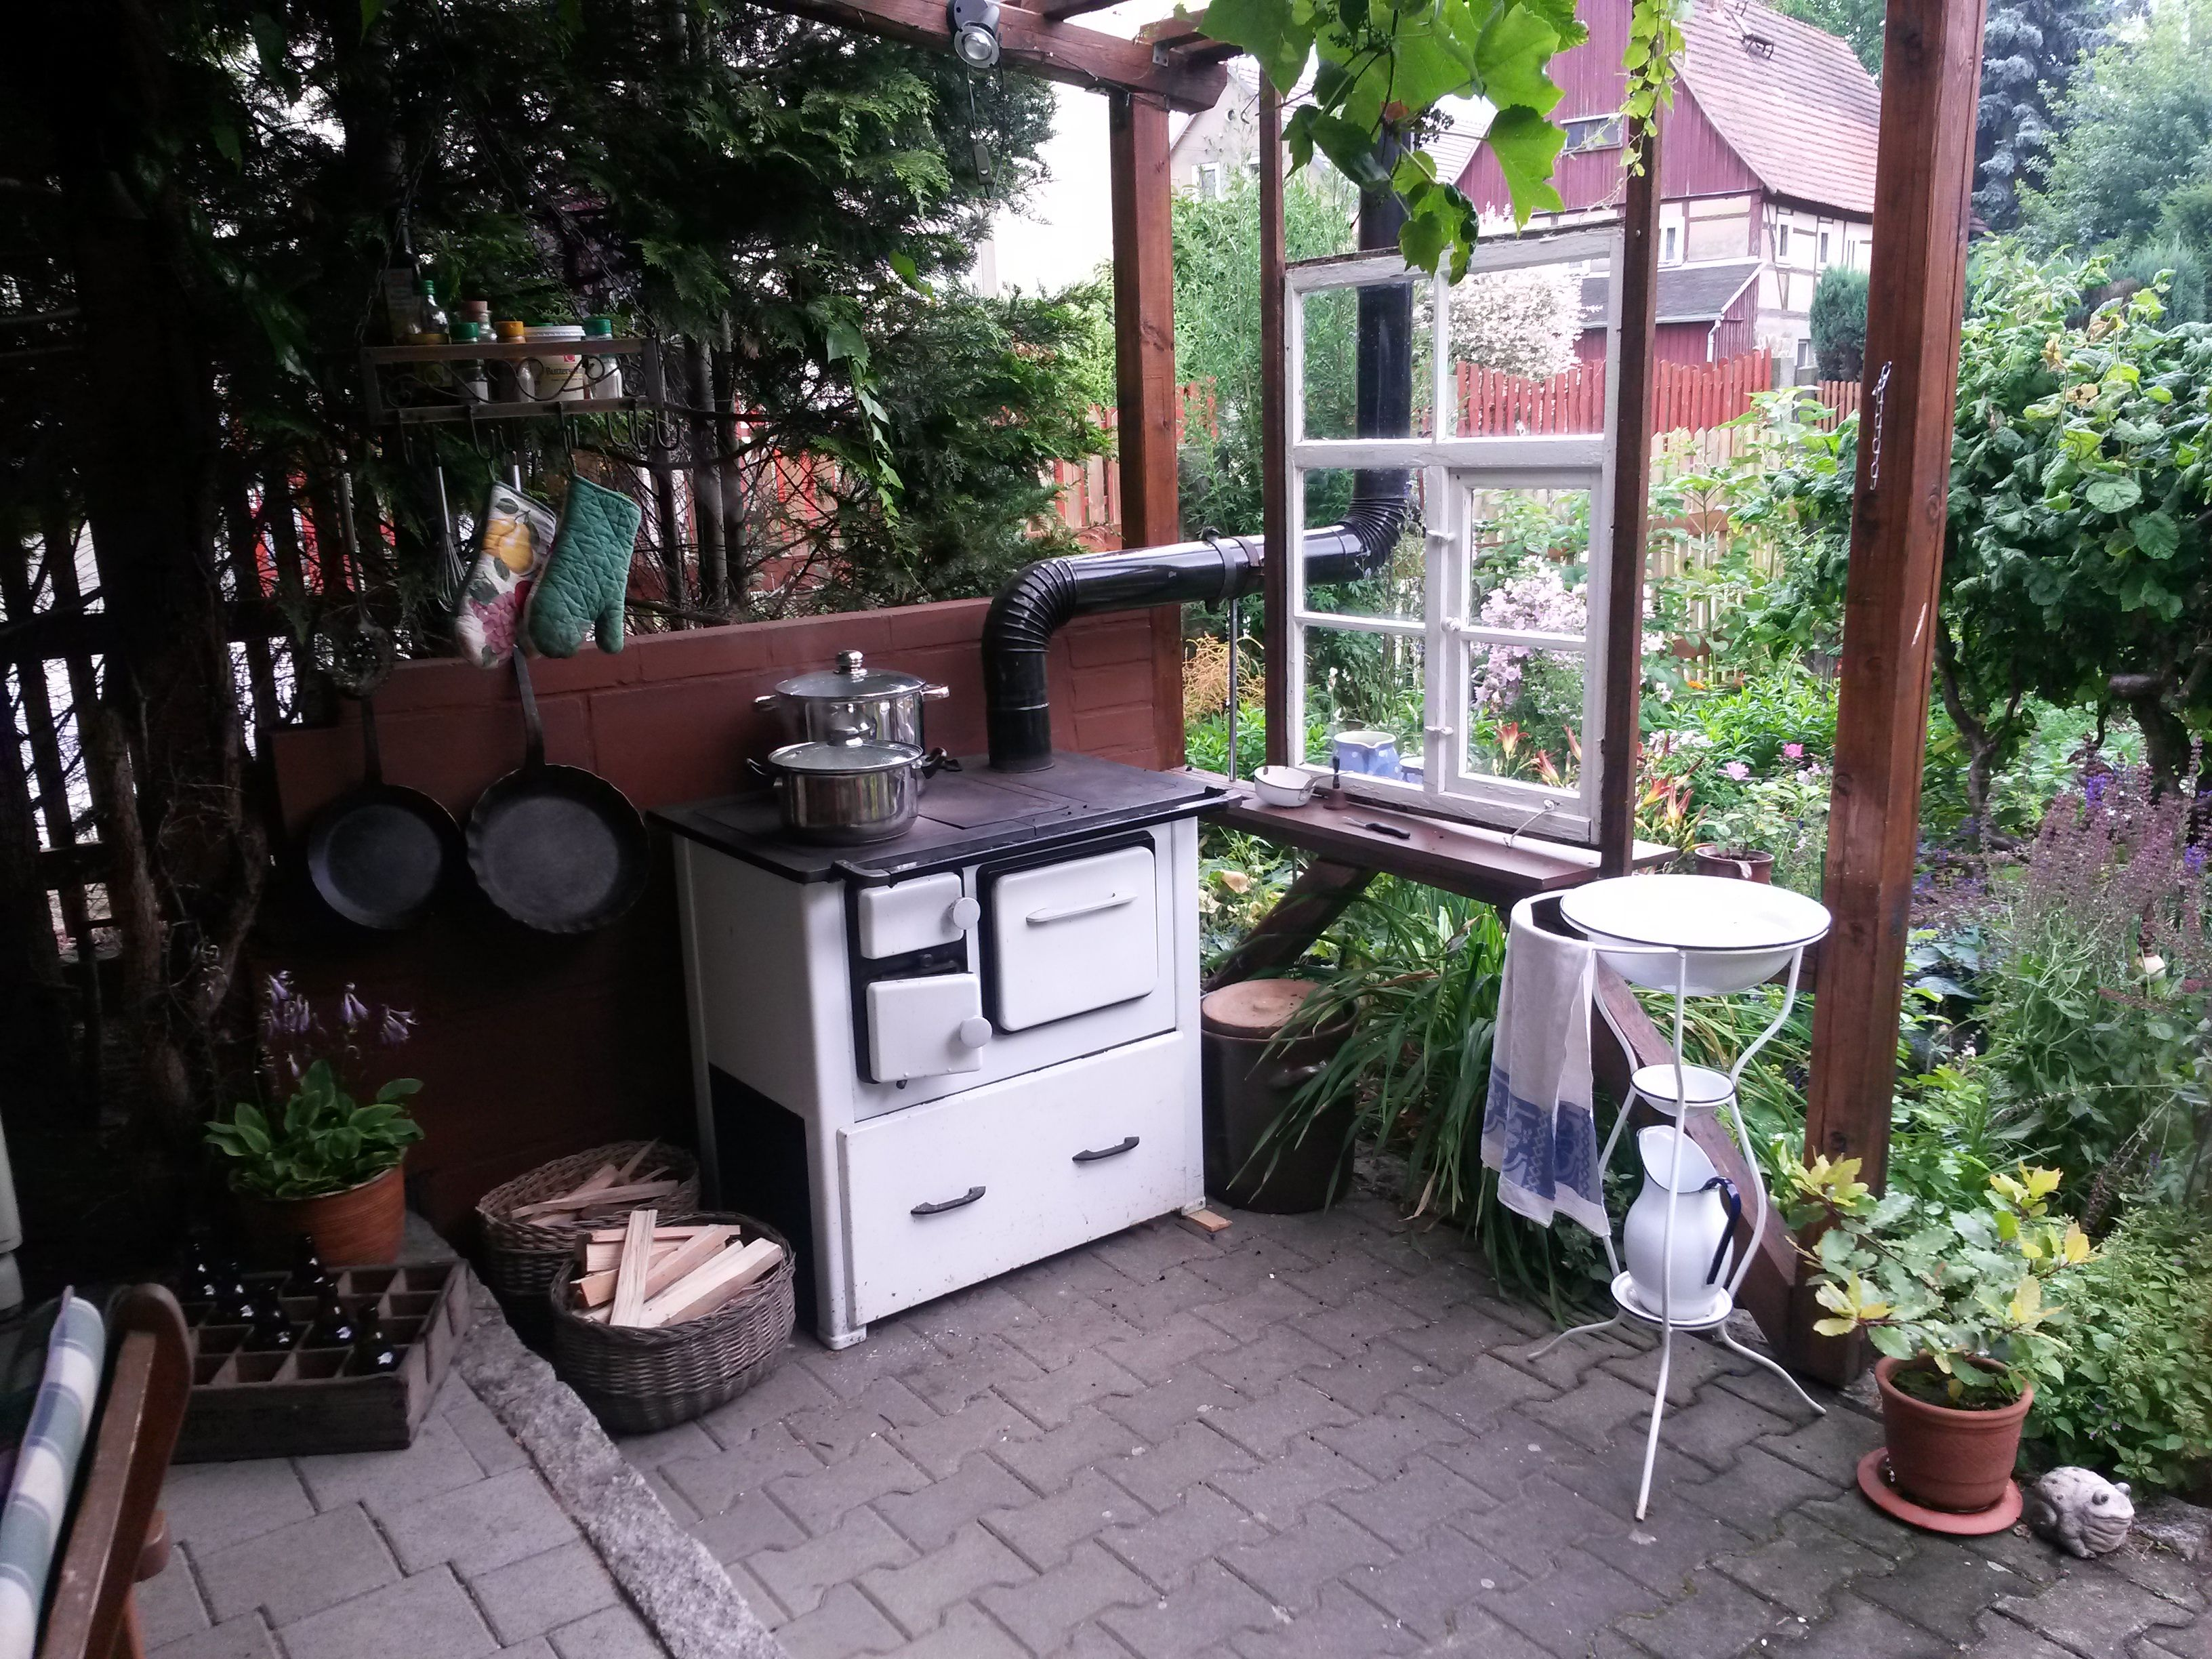 gartenk che kochen im garten pinterest garten sitzecken garten und garten k che. Black Bedroom Furniture Sets. Home Design Ideas